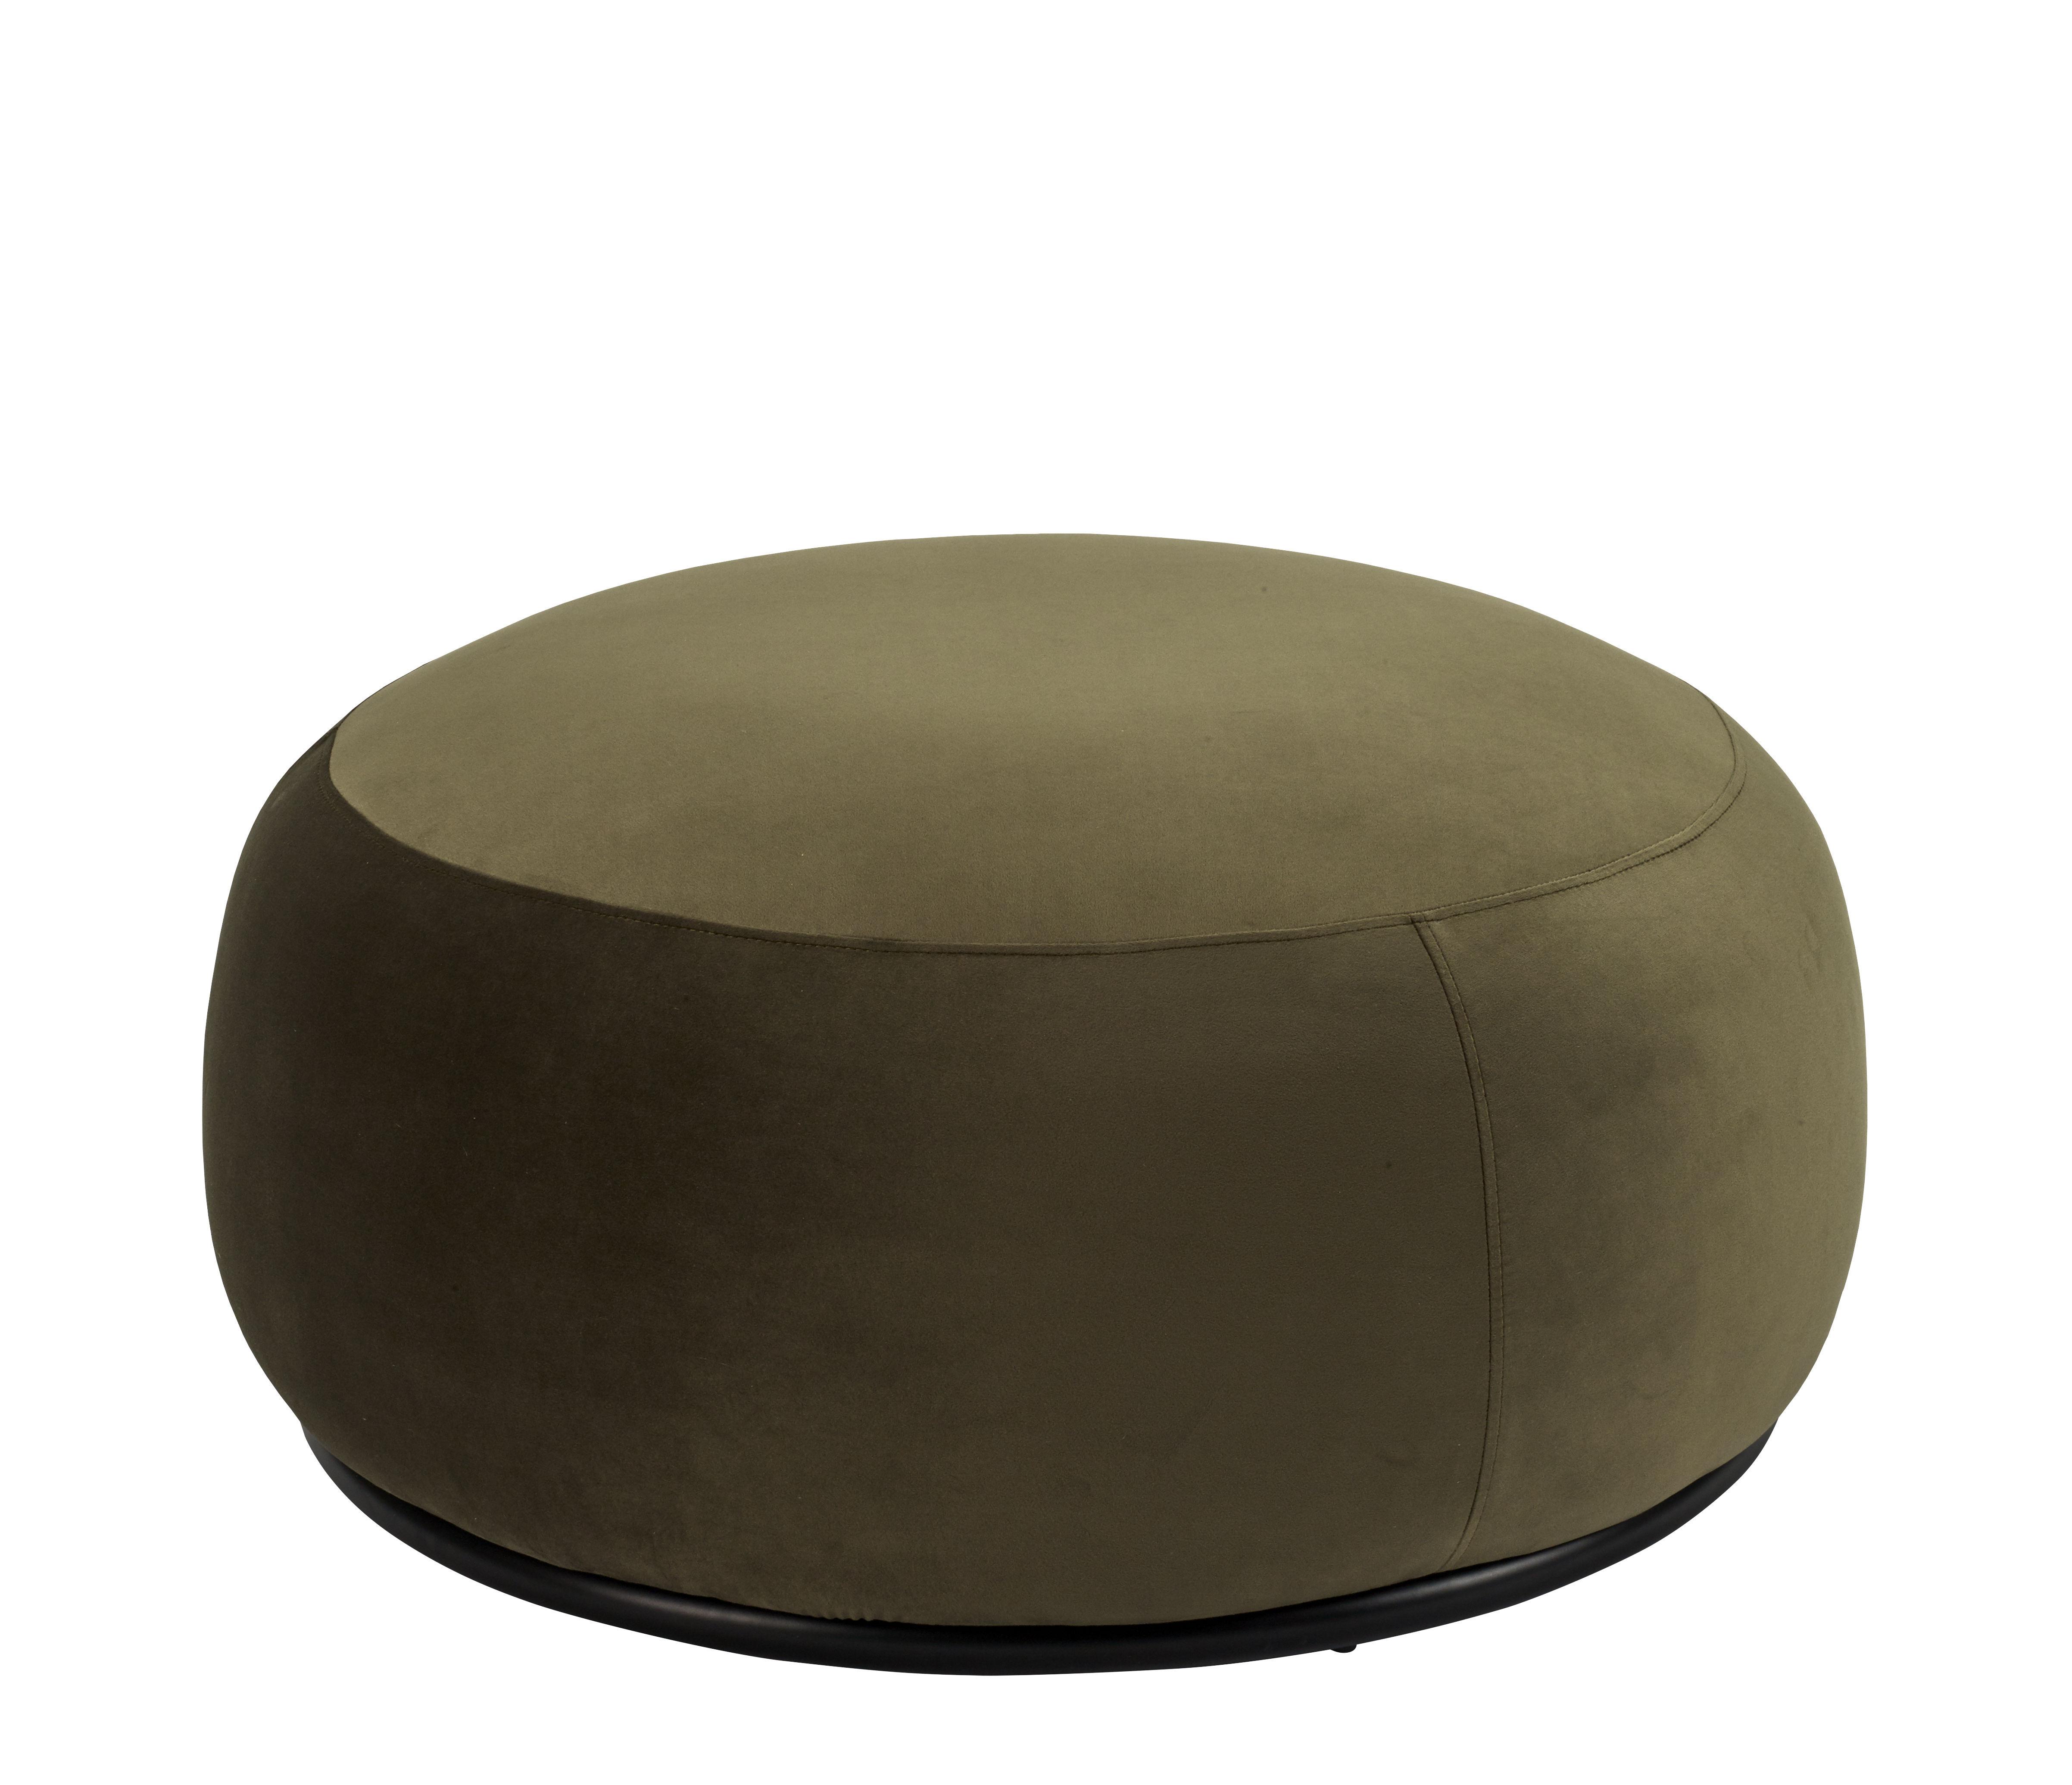 Möbel - Sitzkissen - Bonbon Sitzkissen / Large - Ø 85 cm - Bolia - Kaki / Gestell schwarz - gefirnister Stahl, Velours